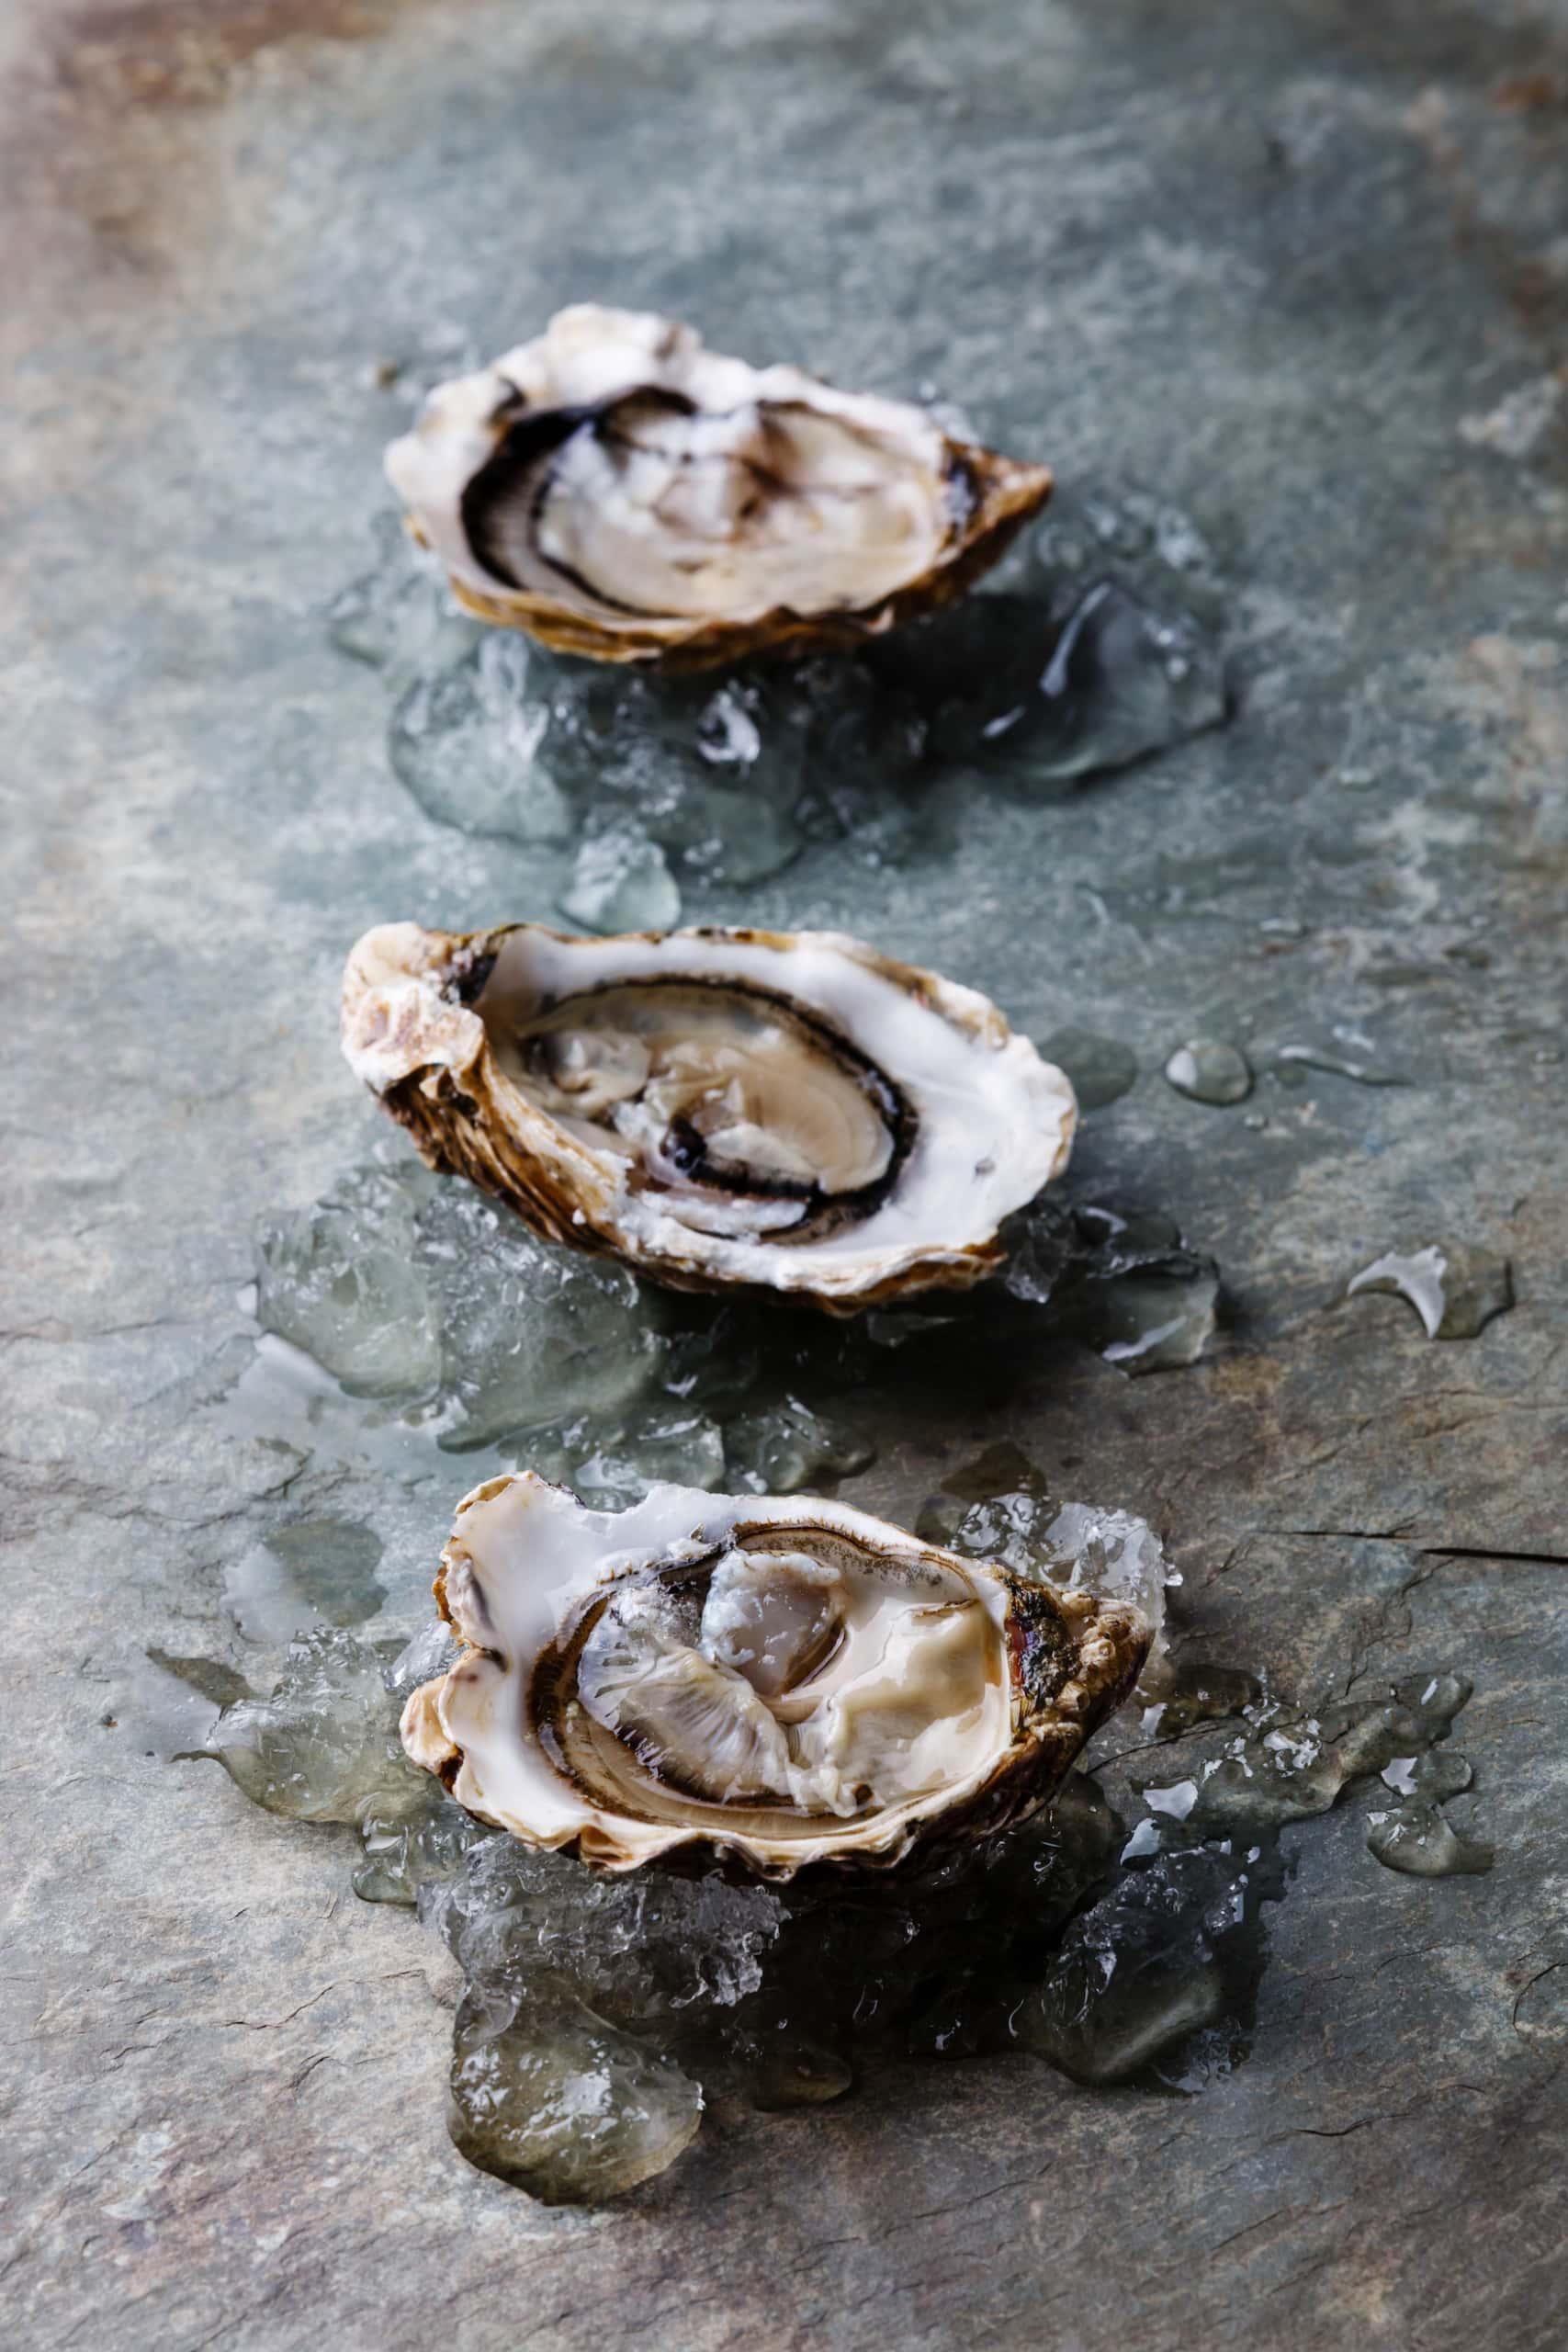 Drei geöffnete Austern aus Marennes-Oleron liegen serviert auf Steinplatte